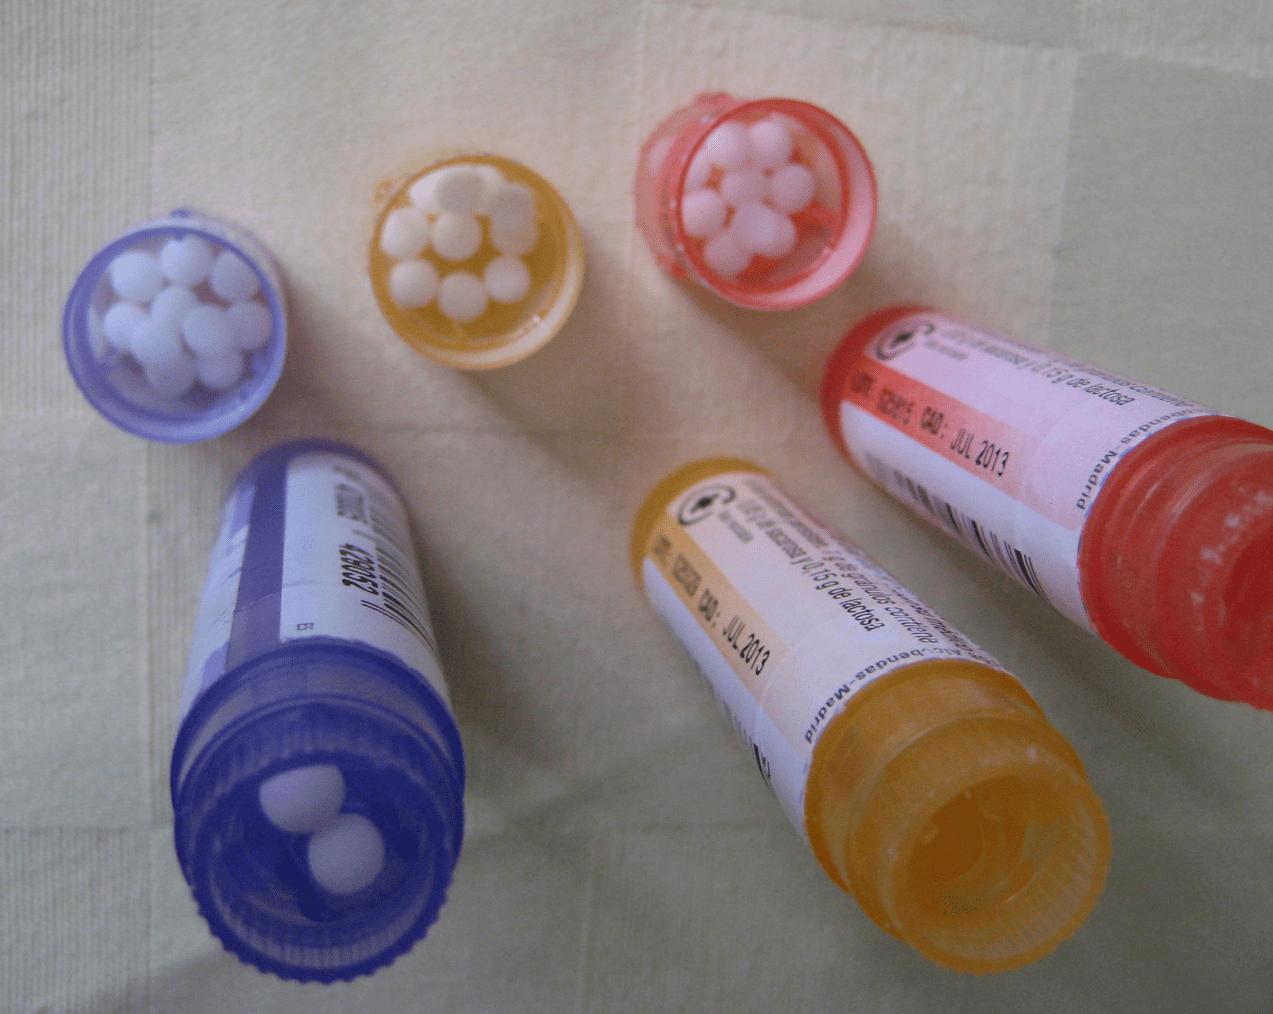 lista provisional de productos homeopáticos